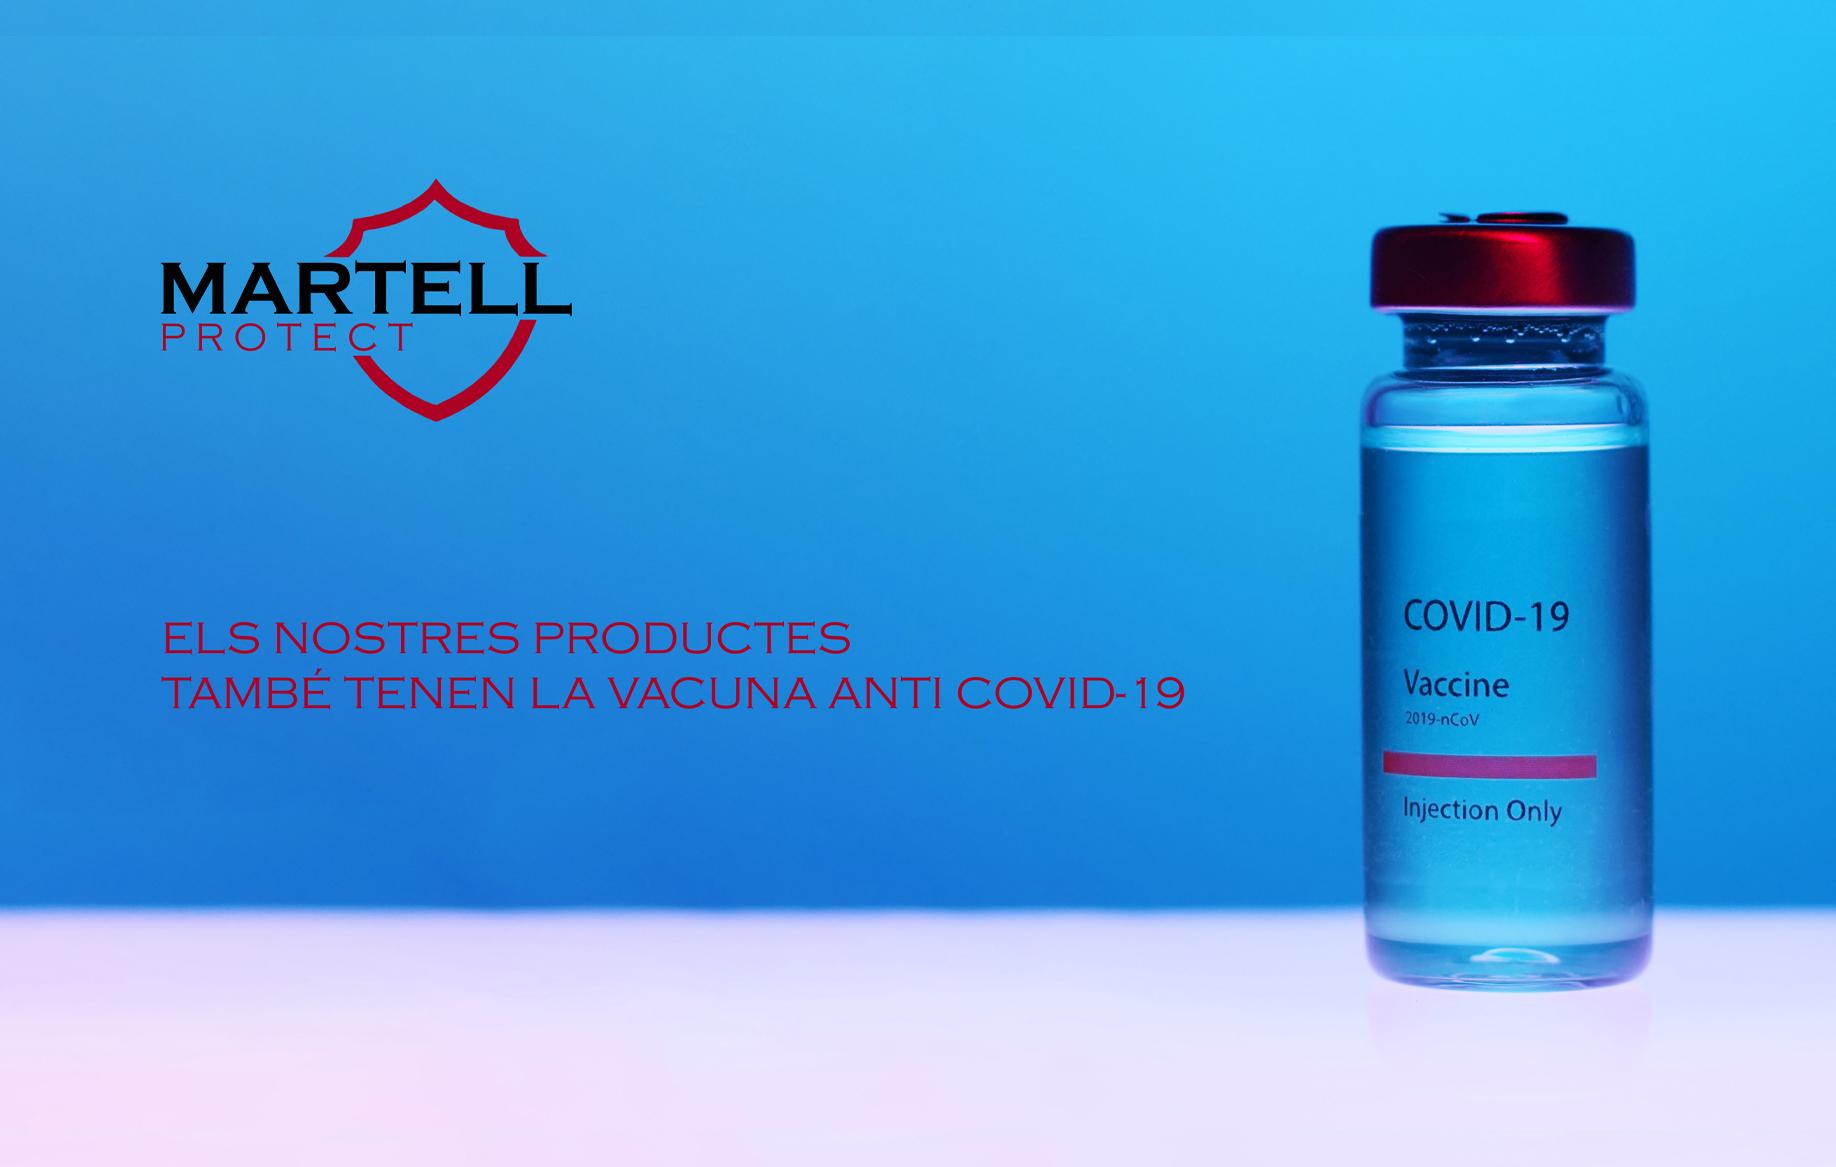 MARTELL PROTECT – CINTES TEIXIDES AMB ACABAT ANTI-COVID-19